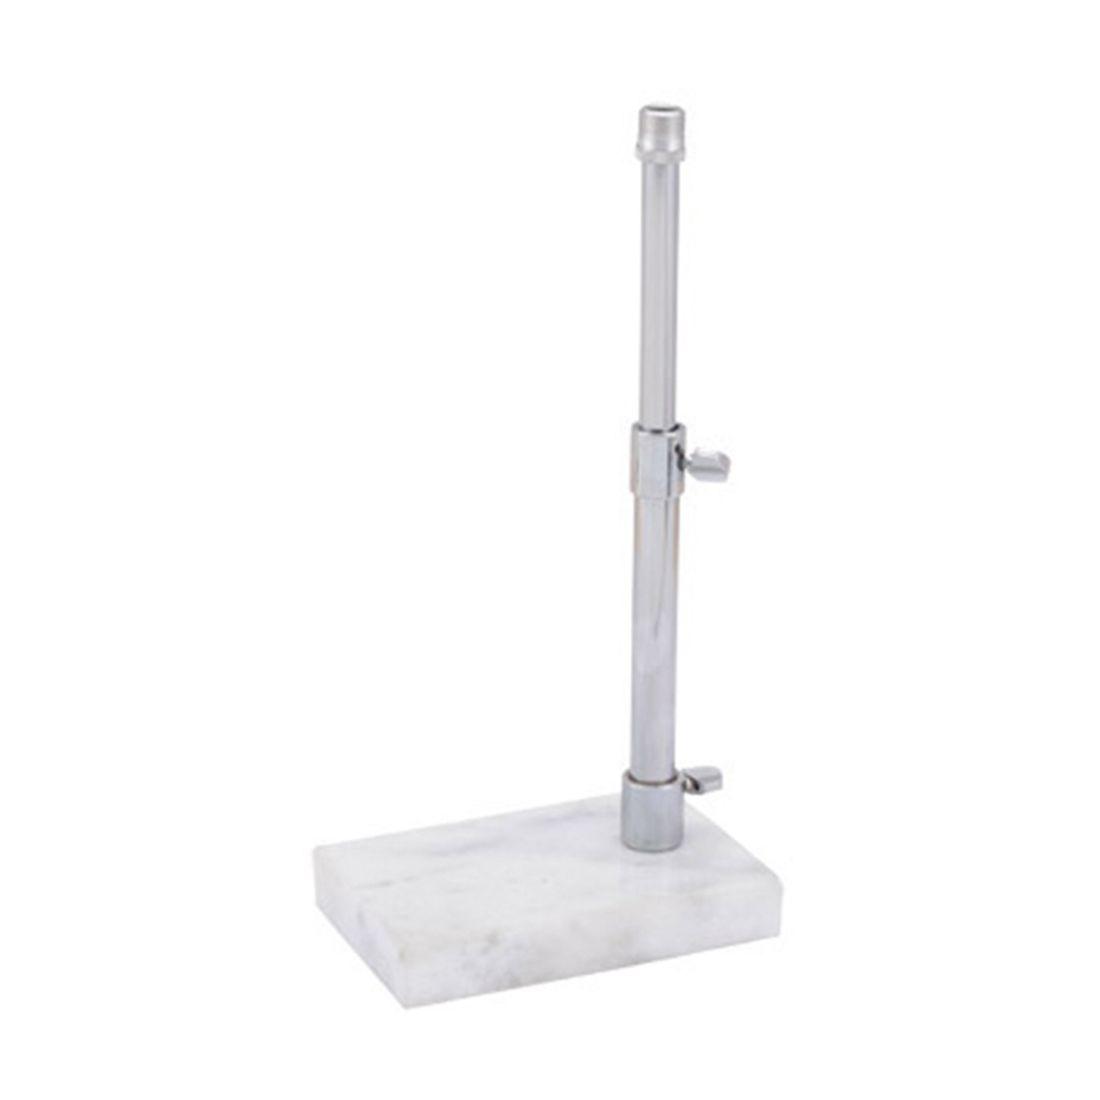 Pacote com 5 Pedestais P Microfone, Haste Telescópica, Mármore - Pm1 Deval